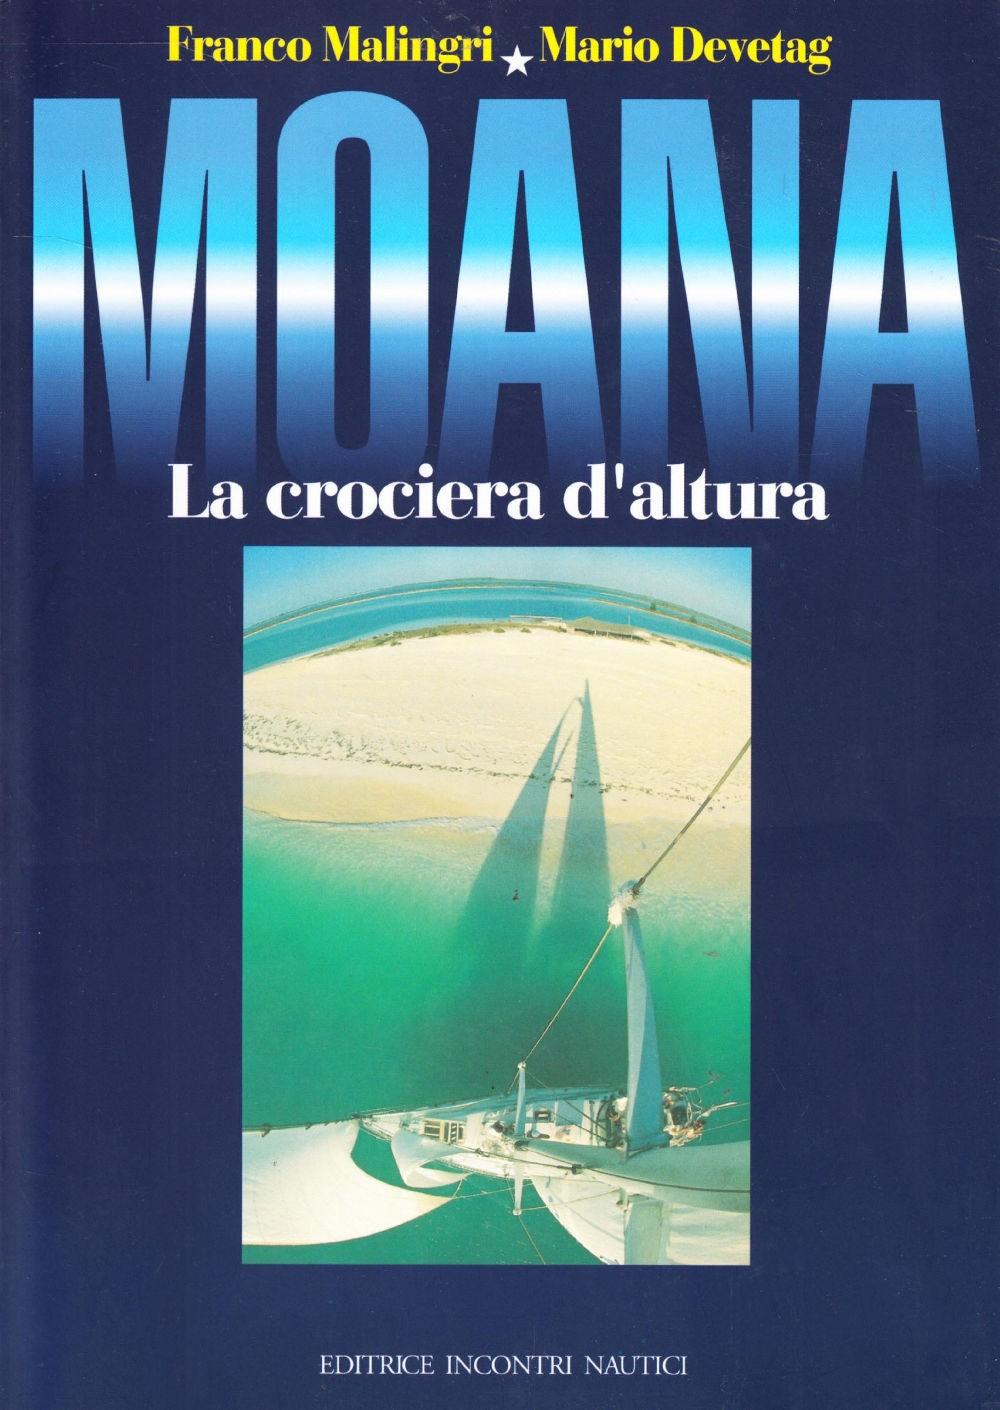 Franco Malingri, Mario Devetag - Moana La crociera d'altura